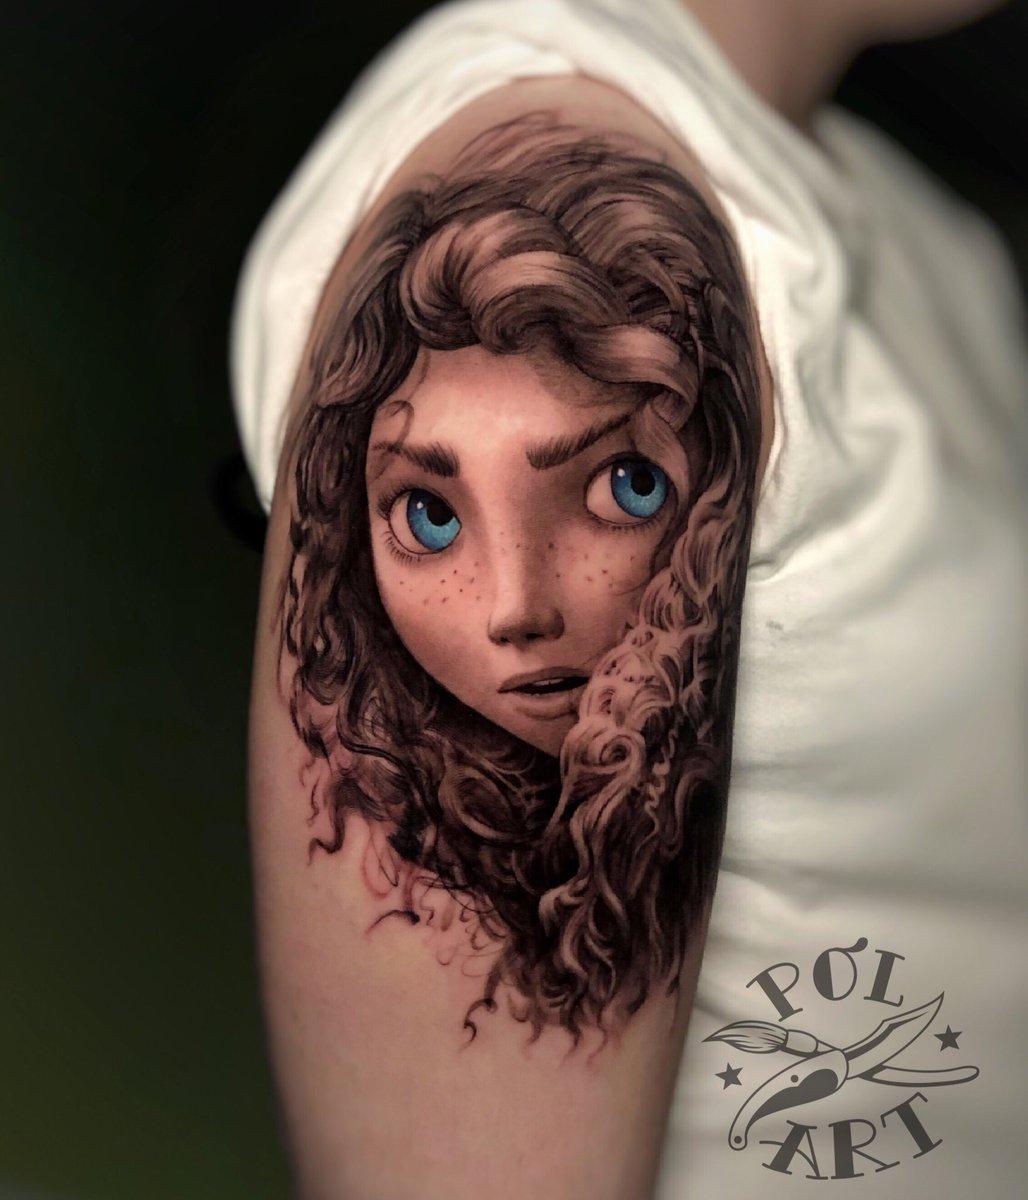 Al sobre con este trabajazo de Pol Tattoo